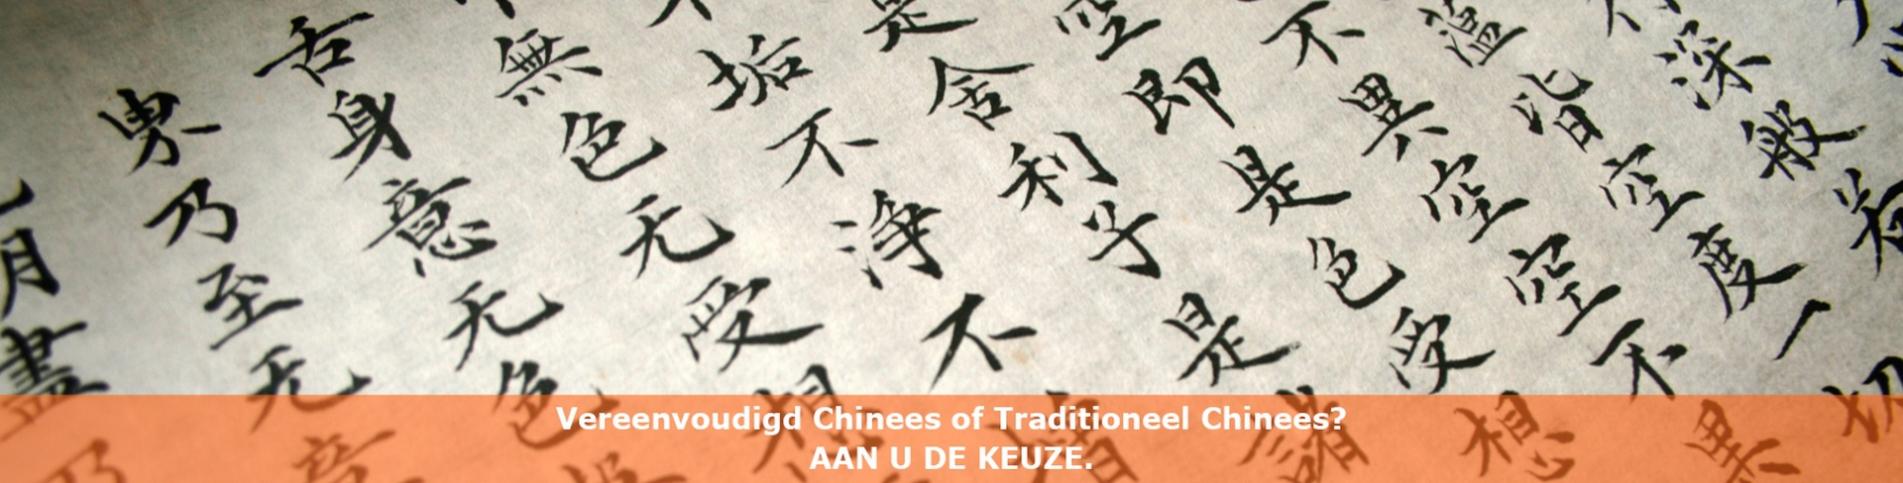 leraar chinees docent chinese taal les cursus leren het gooi vechtstreek utrecht amersfoort almere